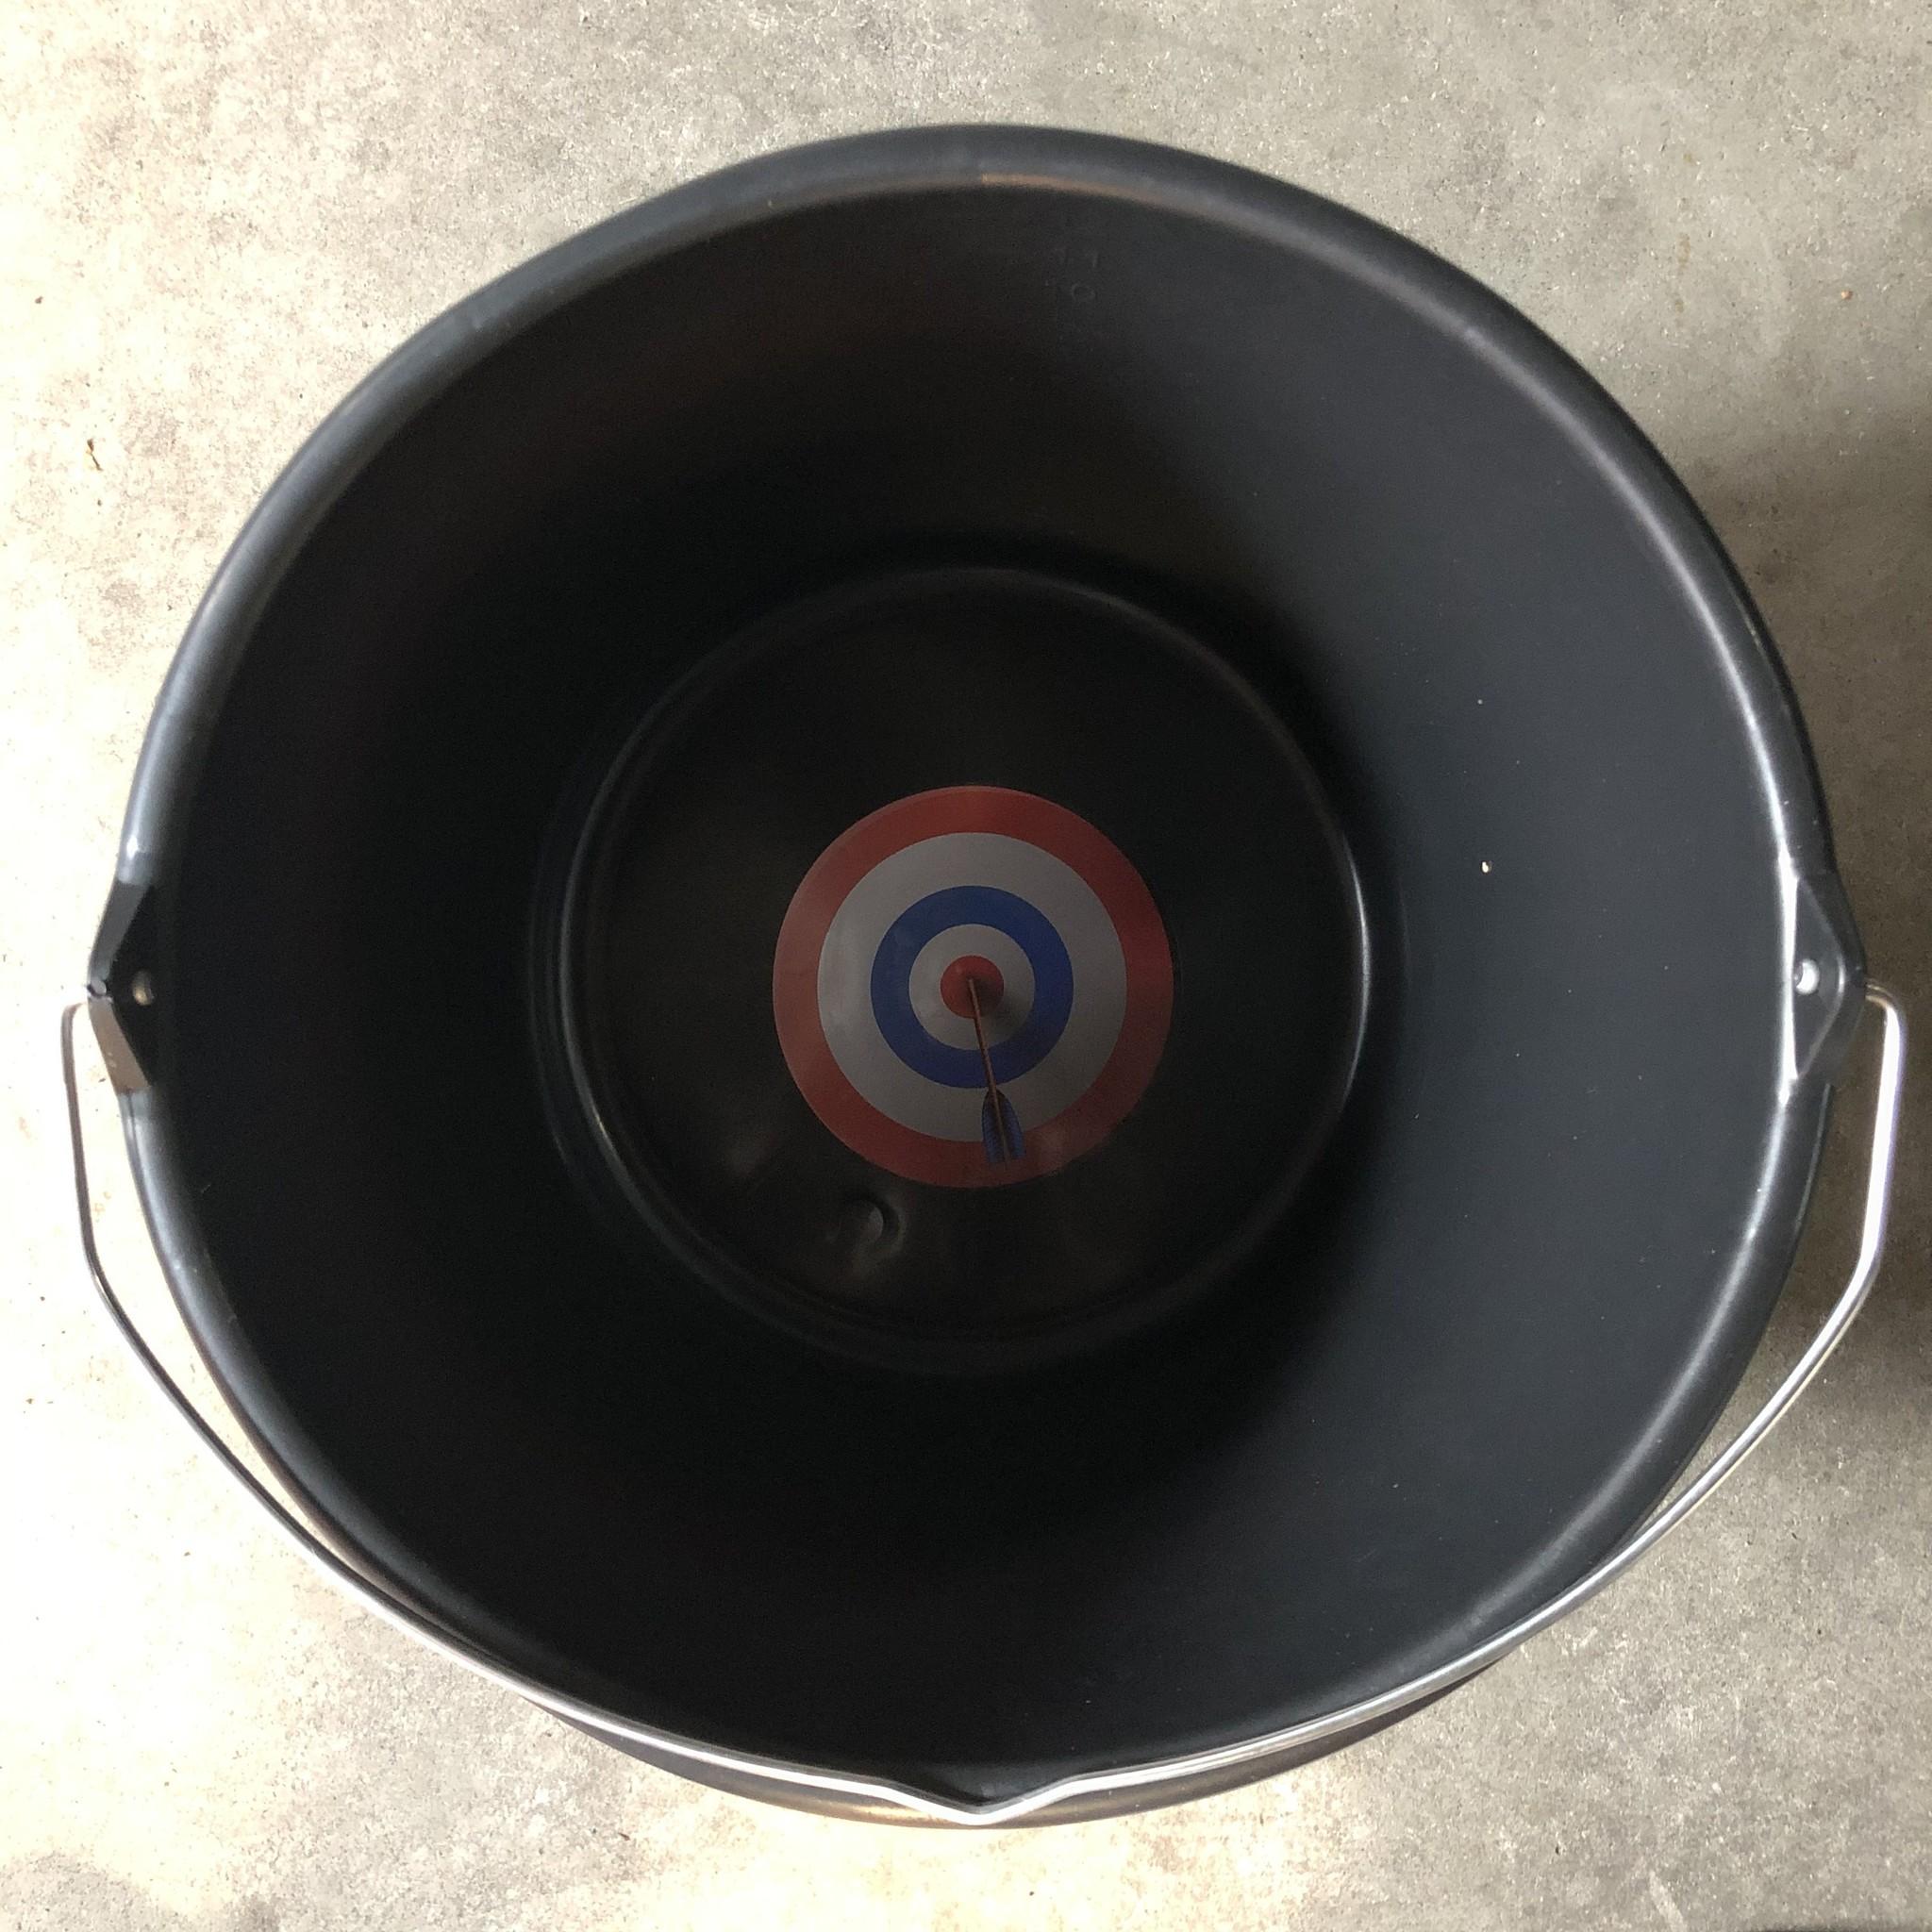 Kotsemmer met naam en bullseye